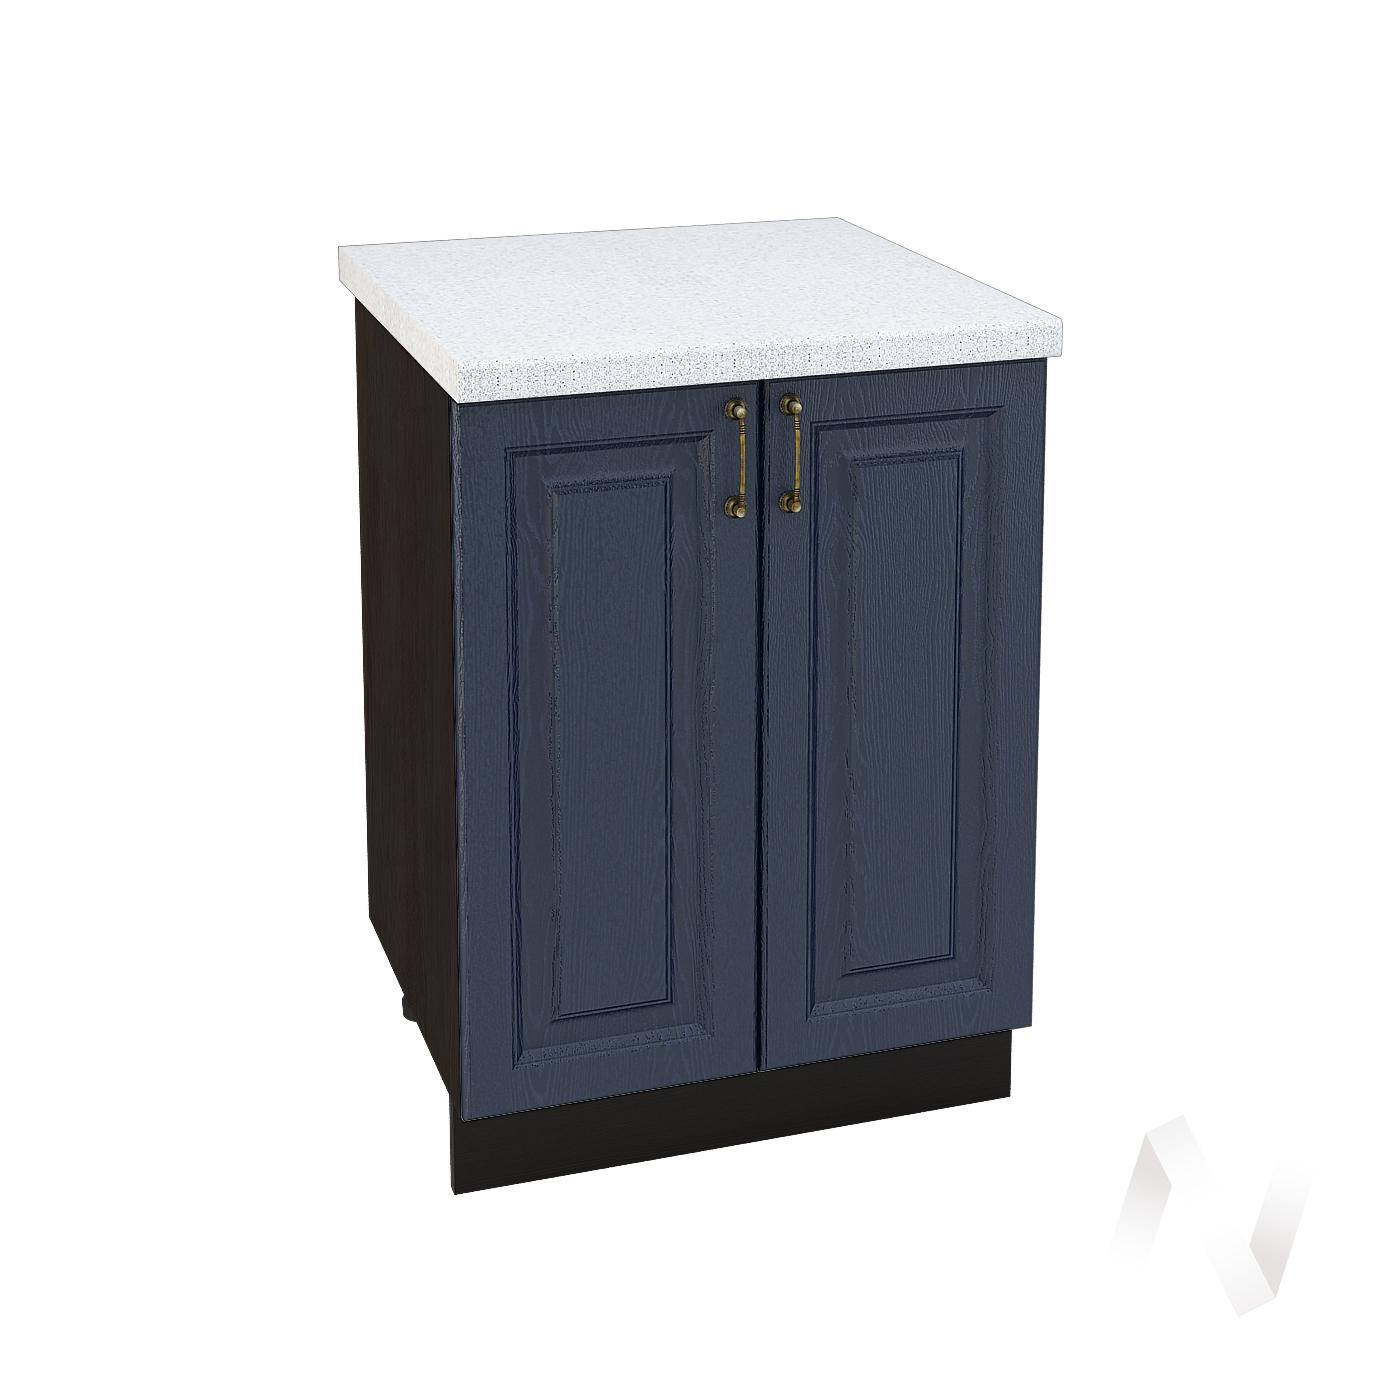 """Кухня """"Ницца"""": Шкаф нижний 600, ШН 600 (Дуб чернильный/корпус венге)"""